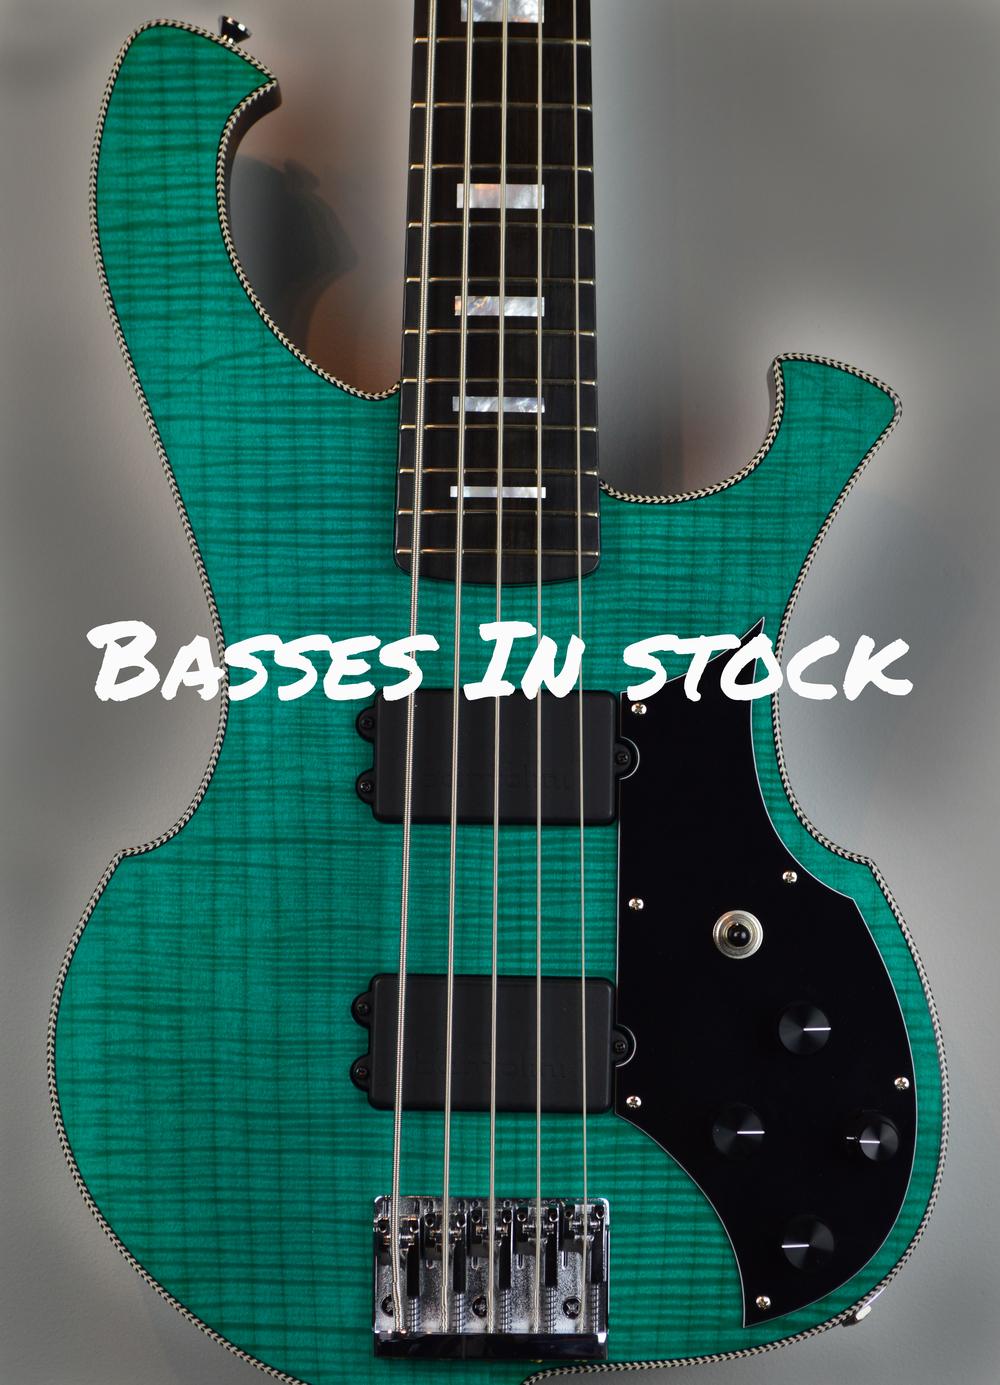 bassesinstock.jpg